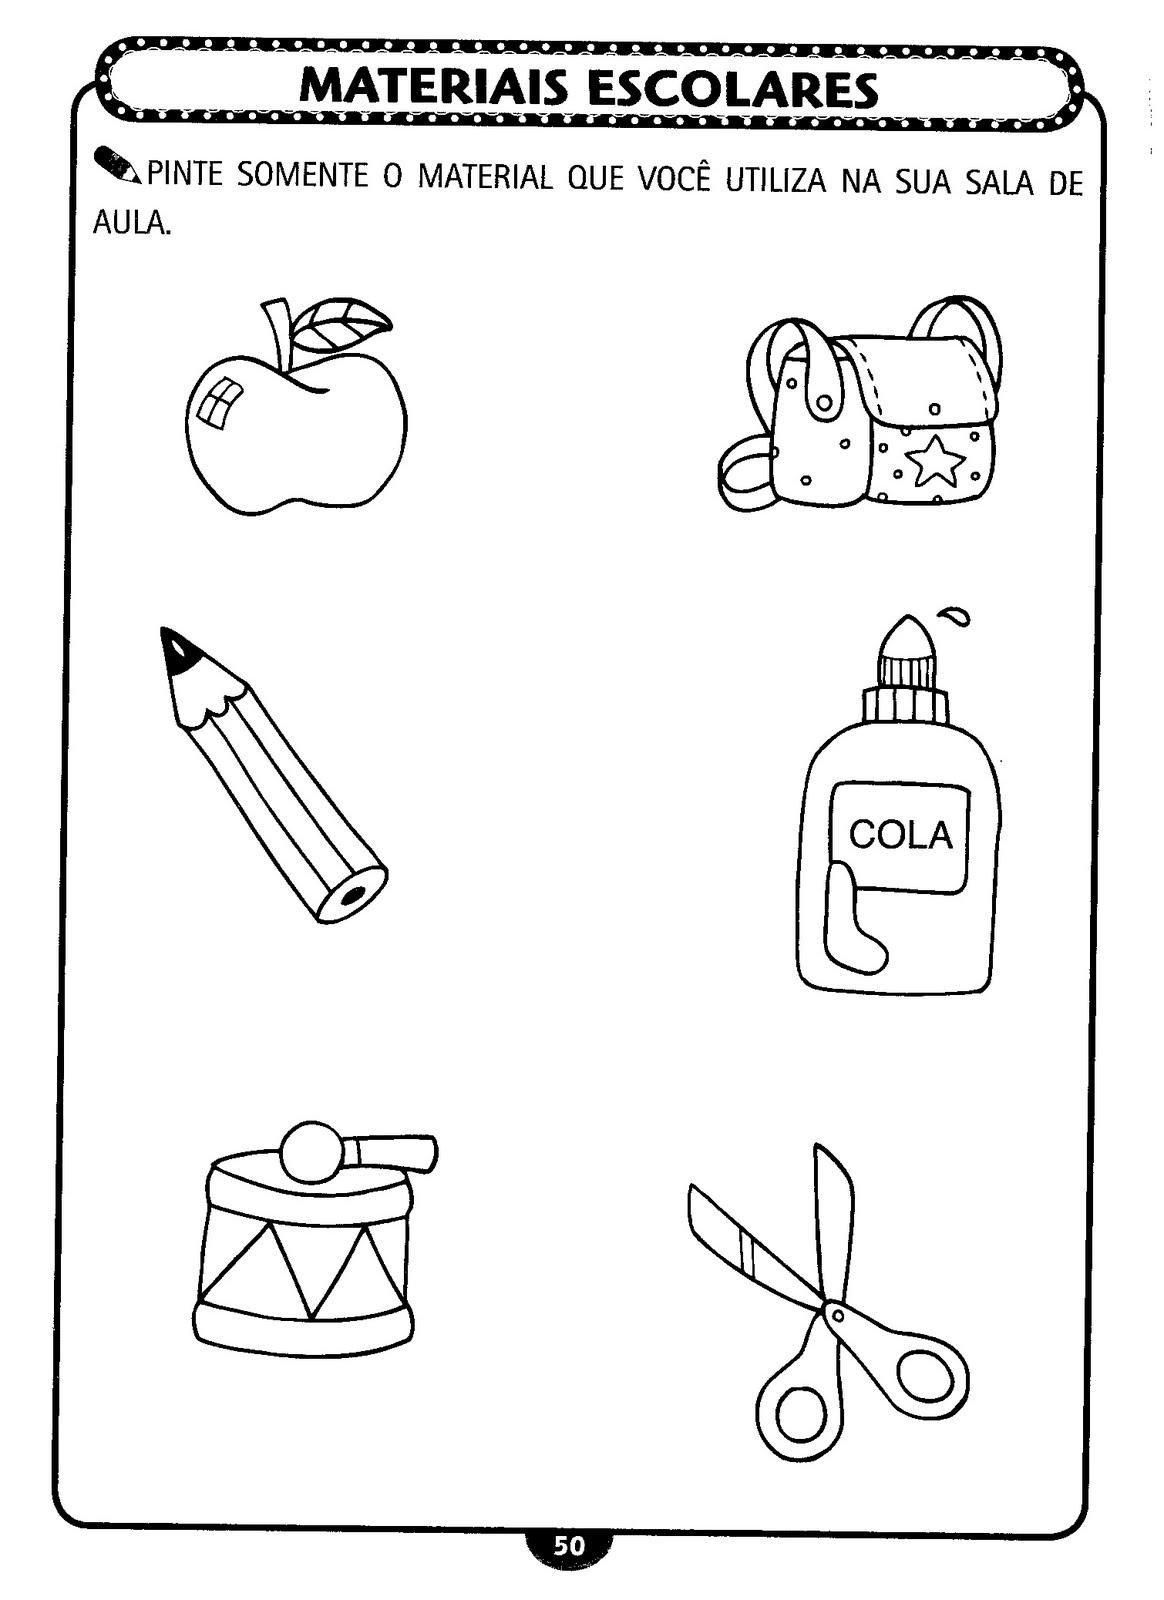 Atividades para o primeiro dia de aula 7